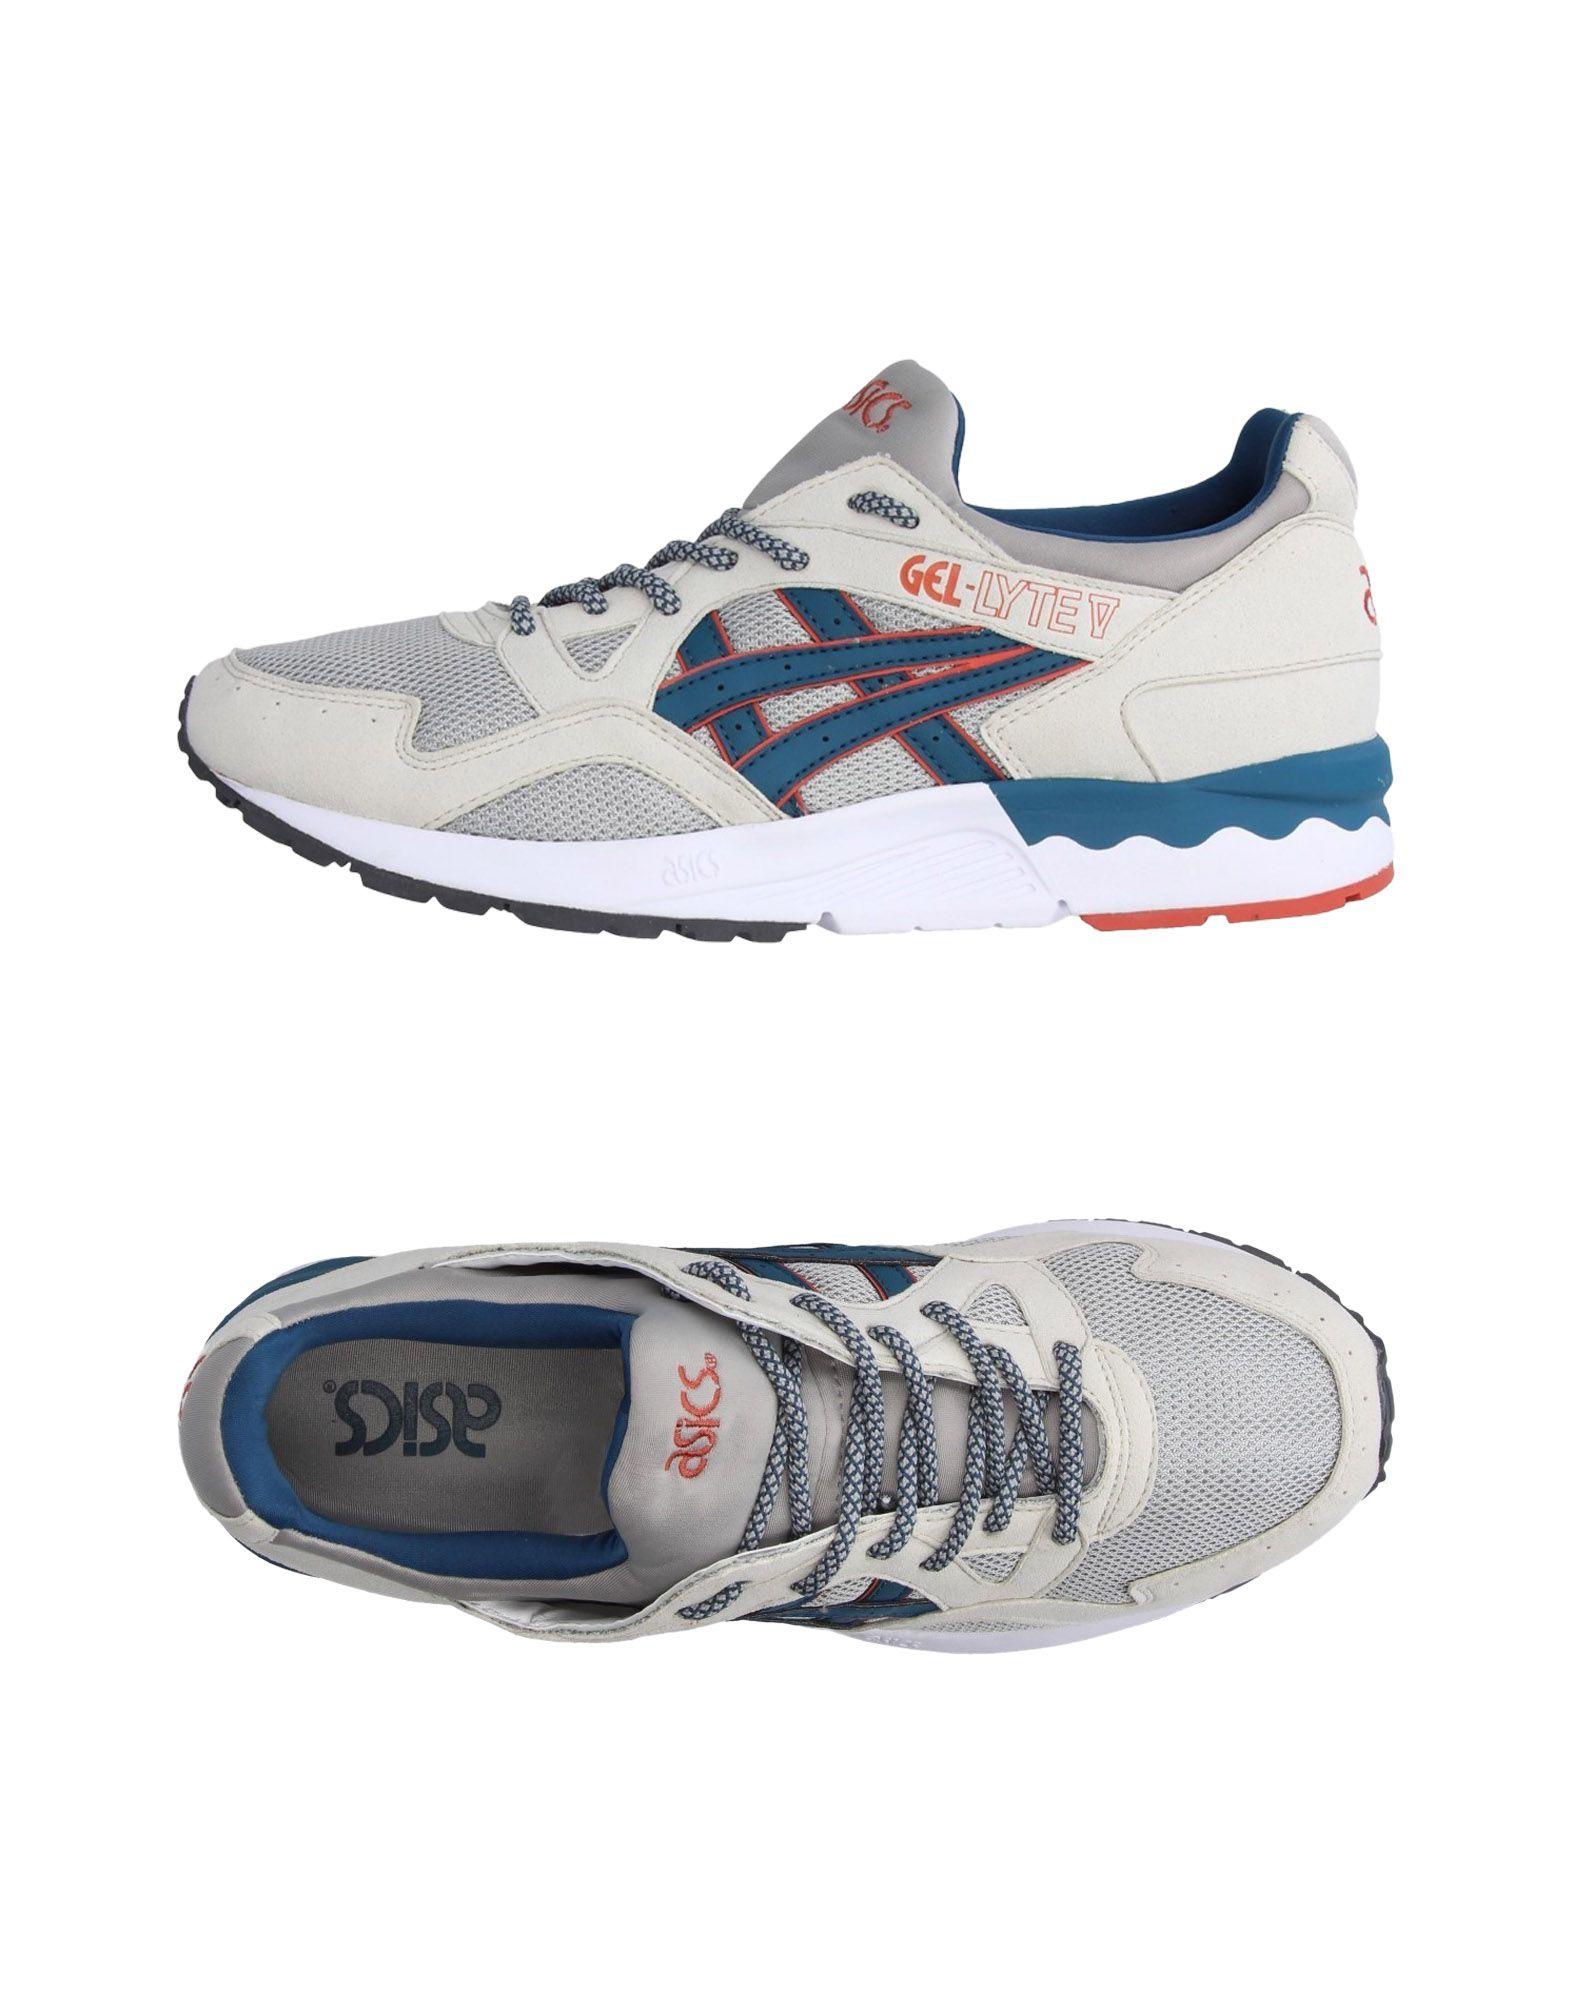 Rabatt Herren echte Schuhe Asics Turnschuhes Herren Rabatt 11217138CJ 80eb7d